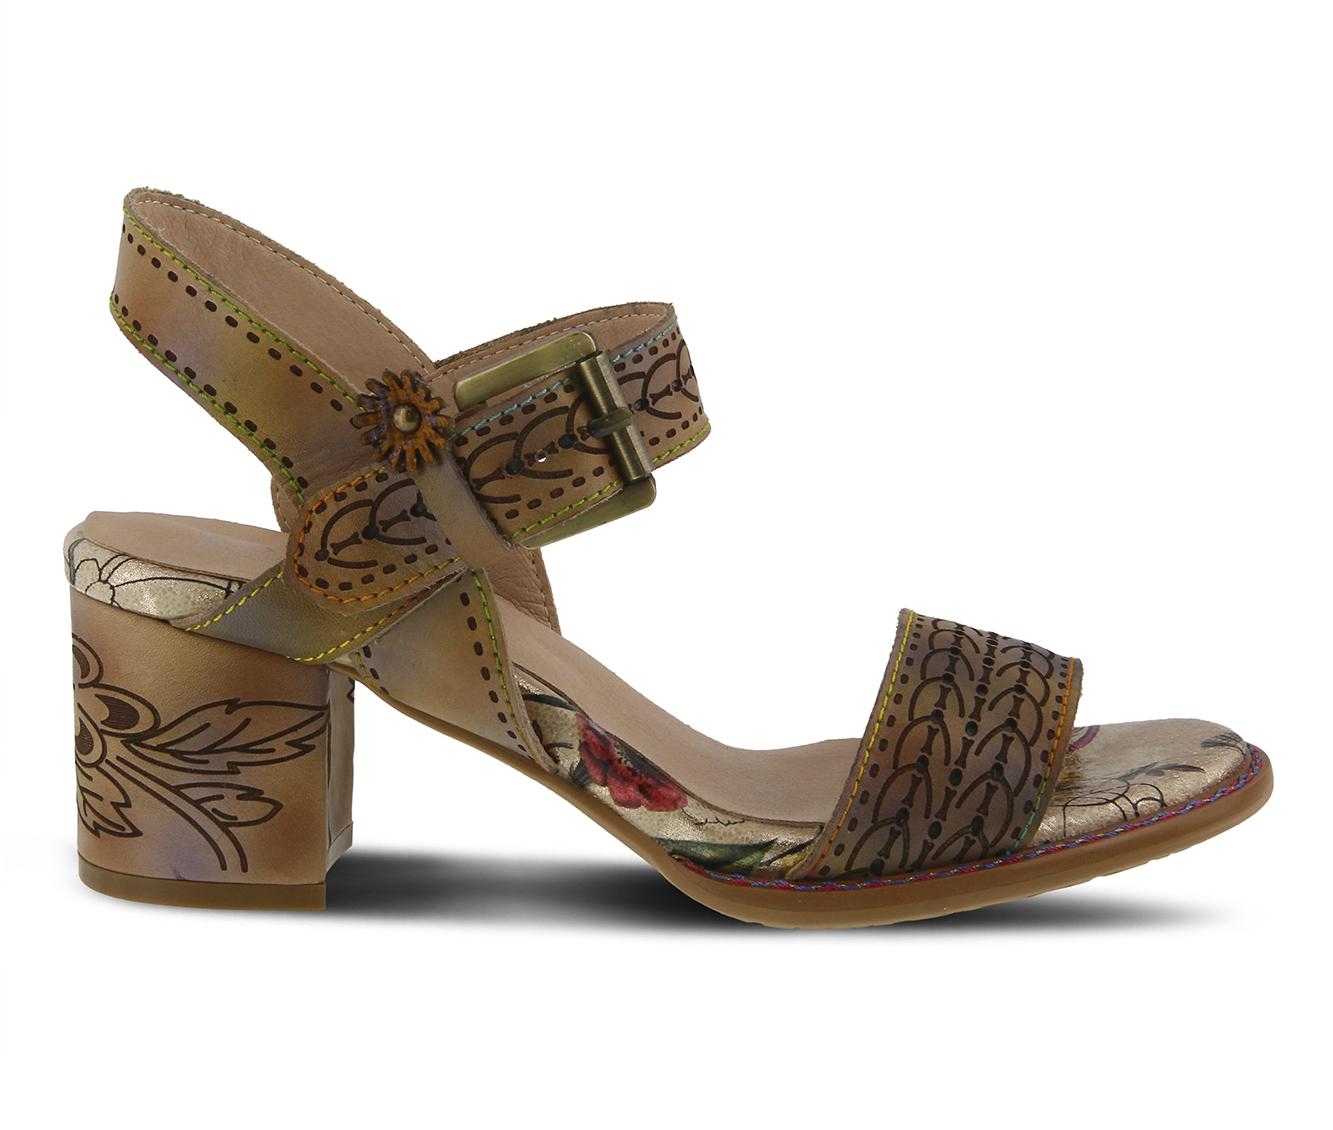 L'Artiste Avonora Women's Dress Shoe (Beige Leather)